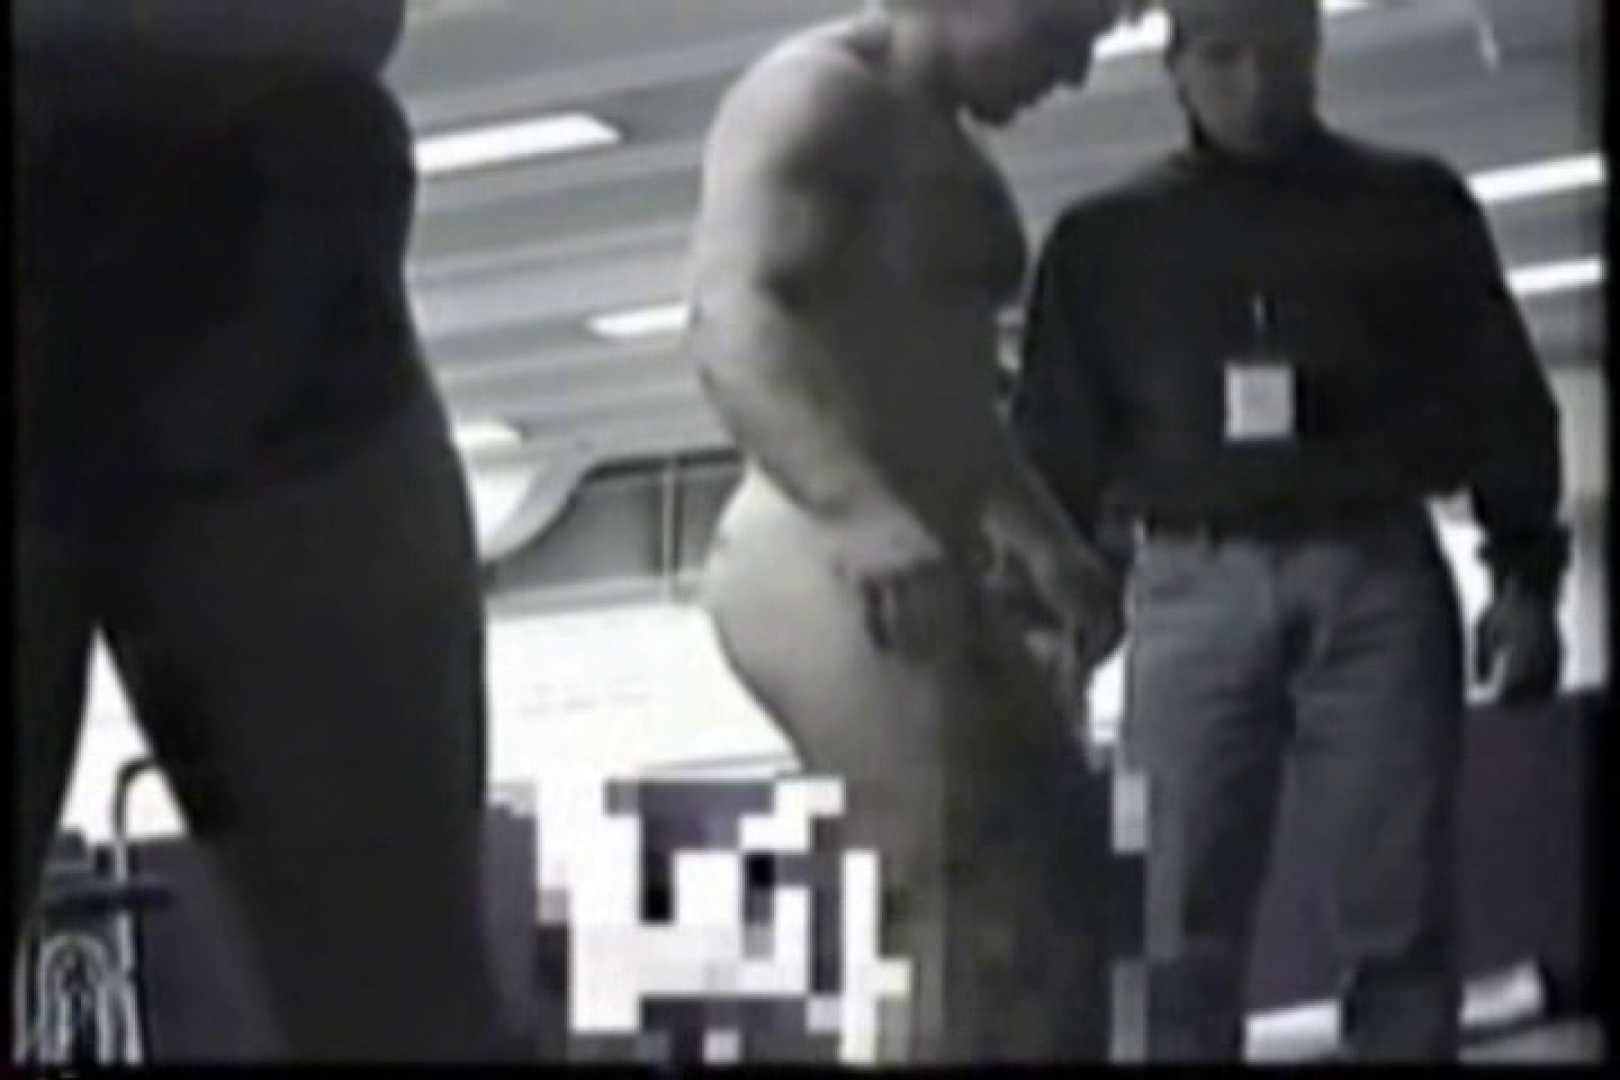 洋人さんの脱衣所を覗いてみました。VOL.6 ガチムチマッチョ系男子 ゲイ精子画像 102枚 63